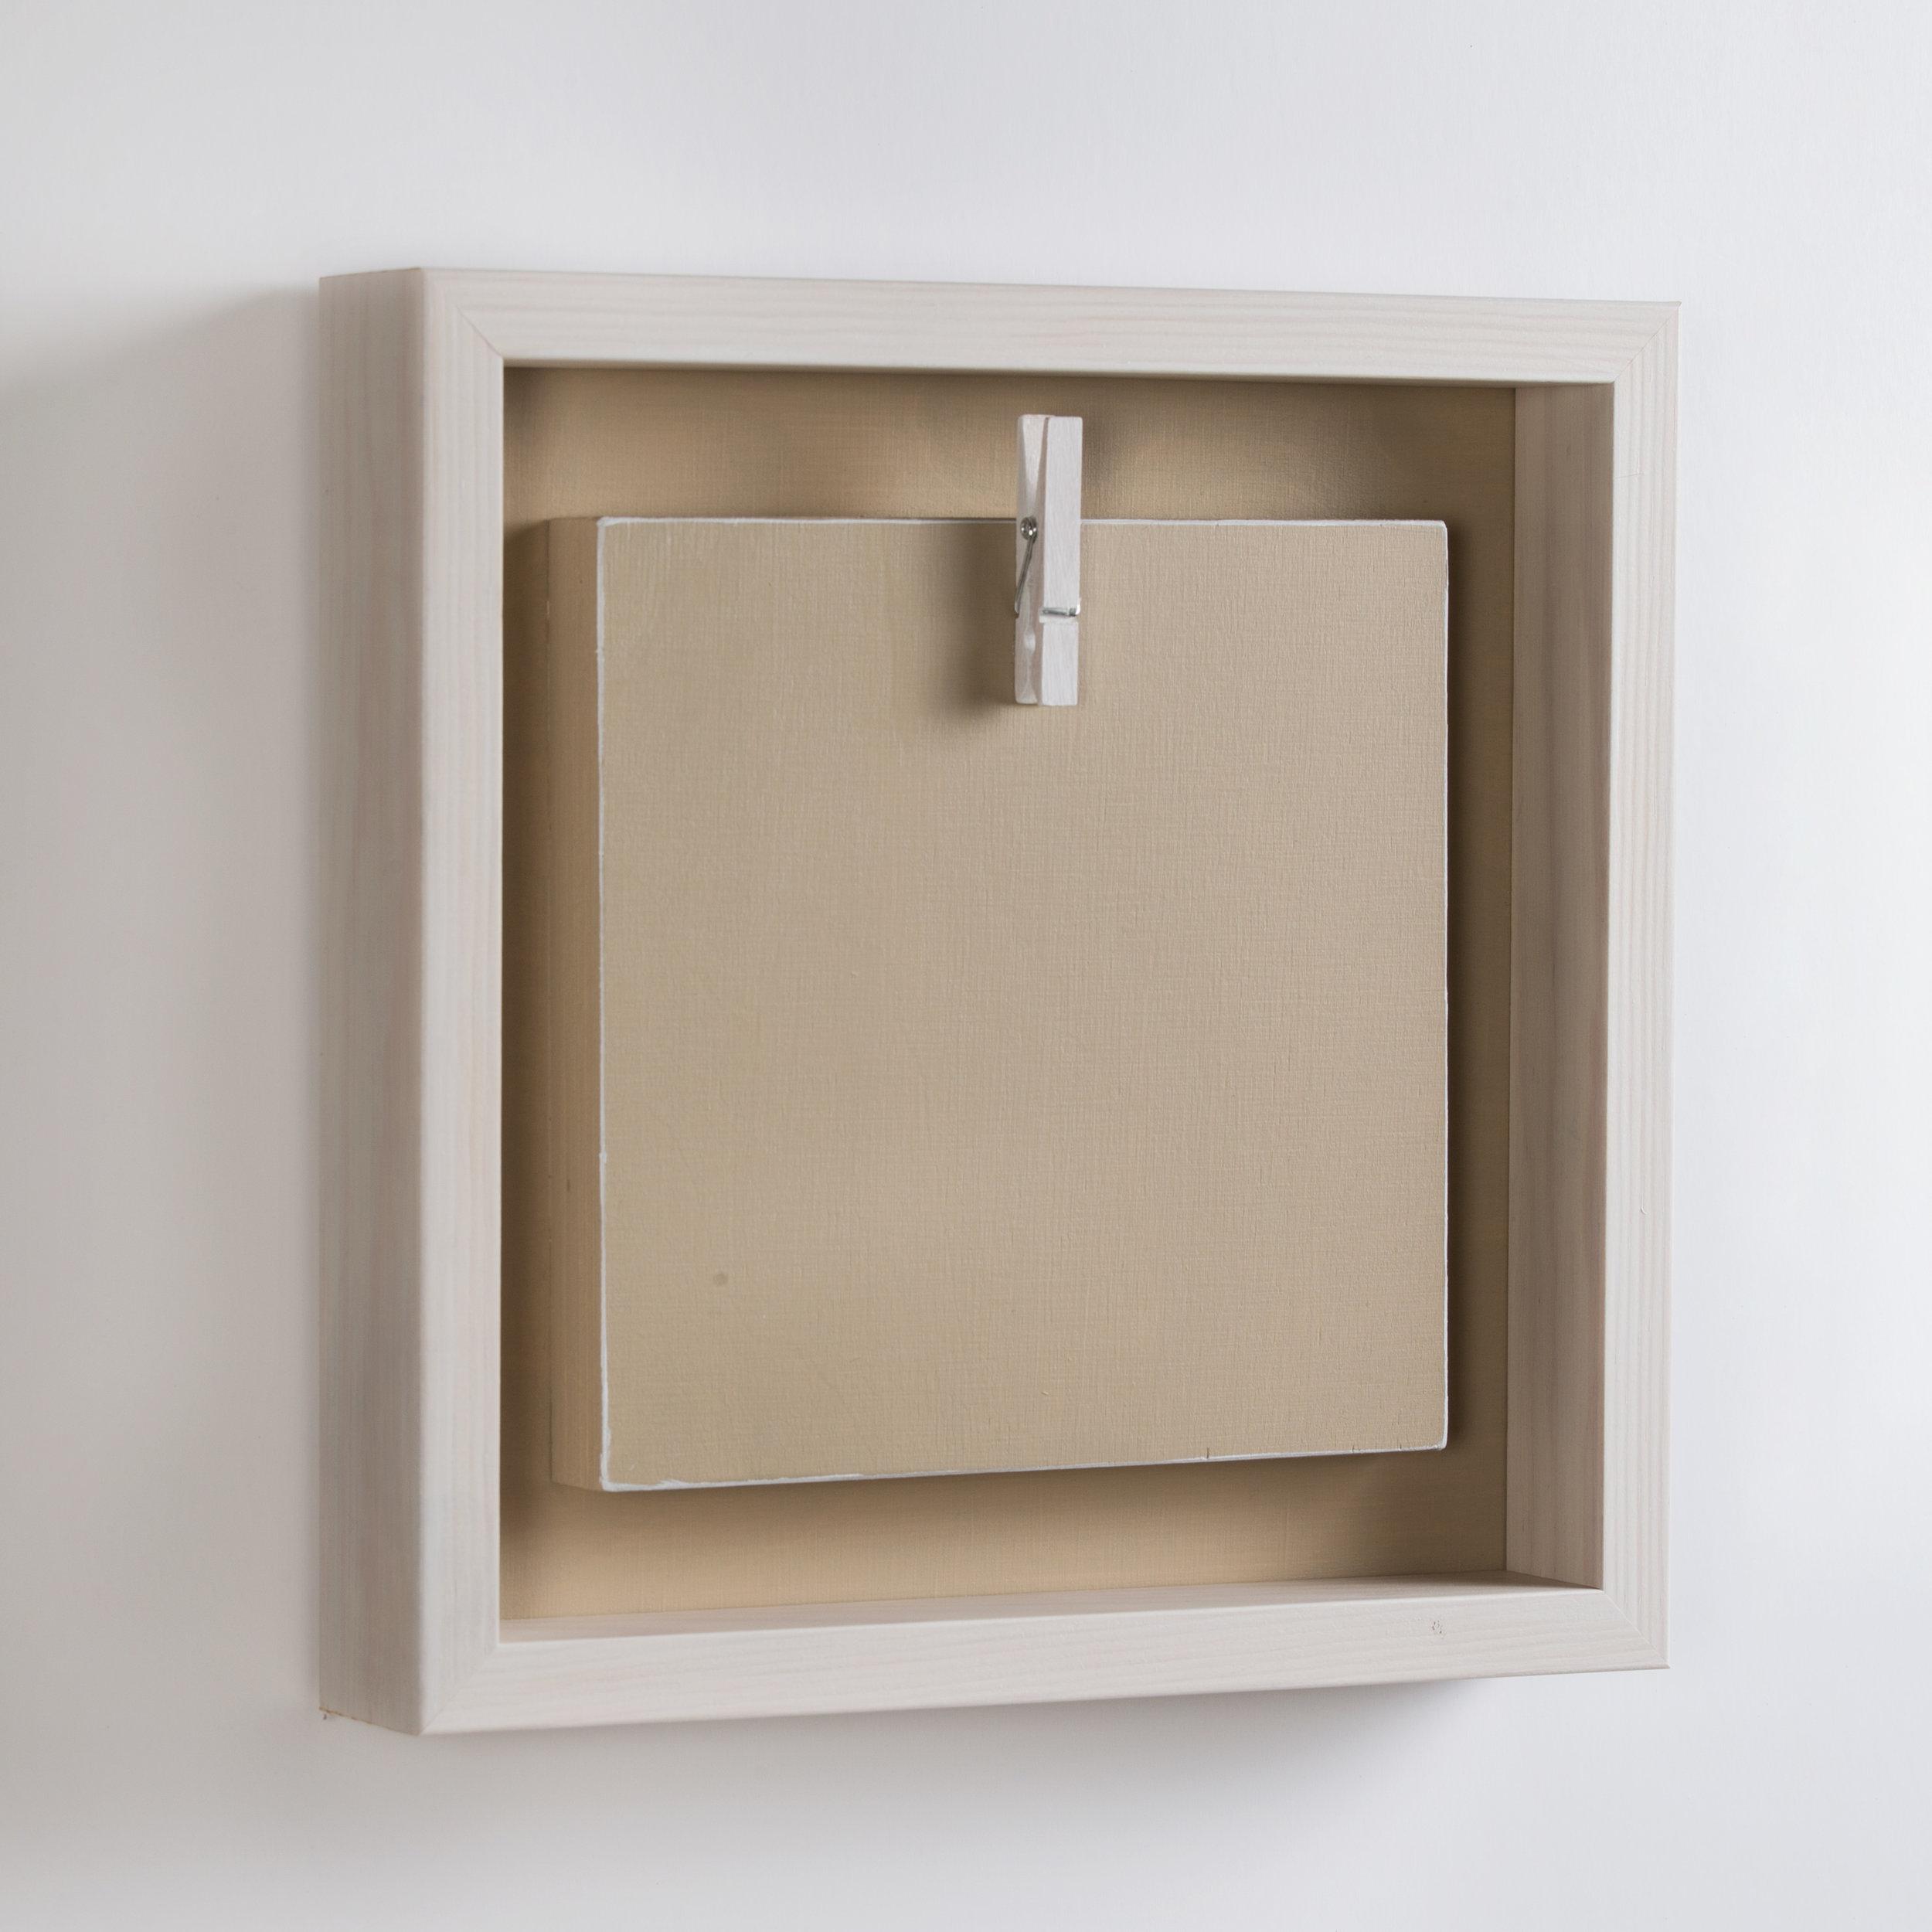 Ekologinen kehys 12x12cm taideprintille tai postikortille - Suomessa käsityönä valmistettu ekologisilla vahoilla ja maaleilla pintakäsitelty puutuote. Kts. yhteensopivat taidepostikorttimme!Boksikehys vanilija/kauraHinta 29 €/kpl (koko 23,5x23,5x4,5cm)